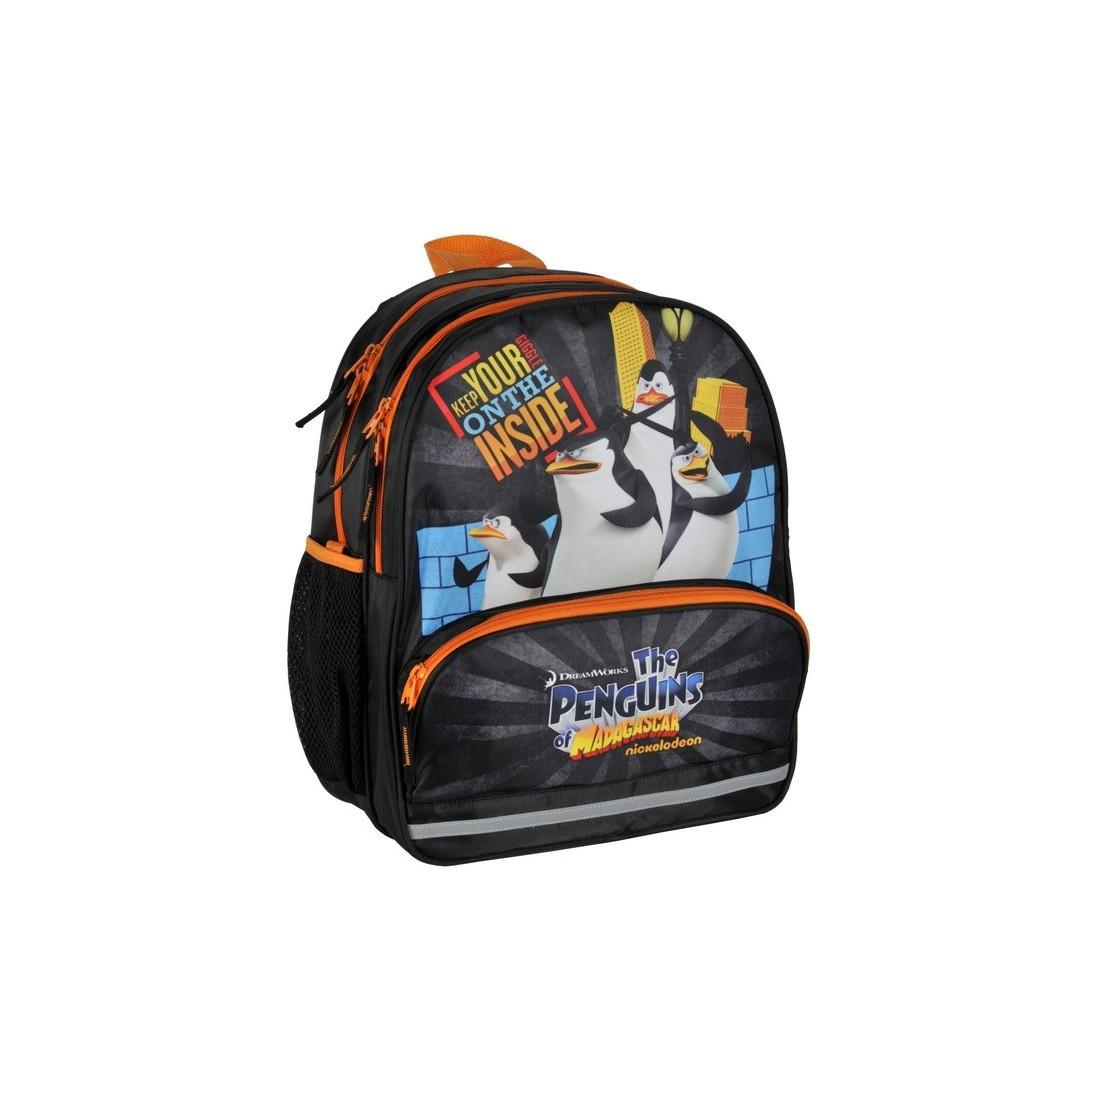 Plecak szkolny Pingwiny z Madagaskaru czarny - plecak-tornister.pl